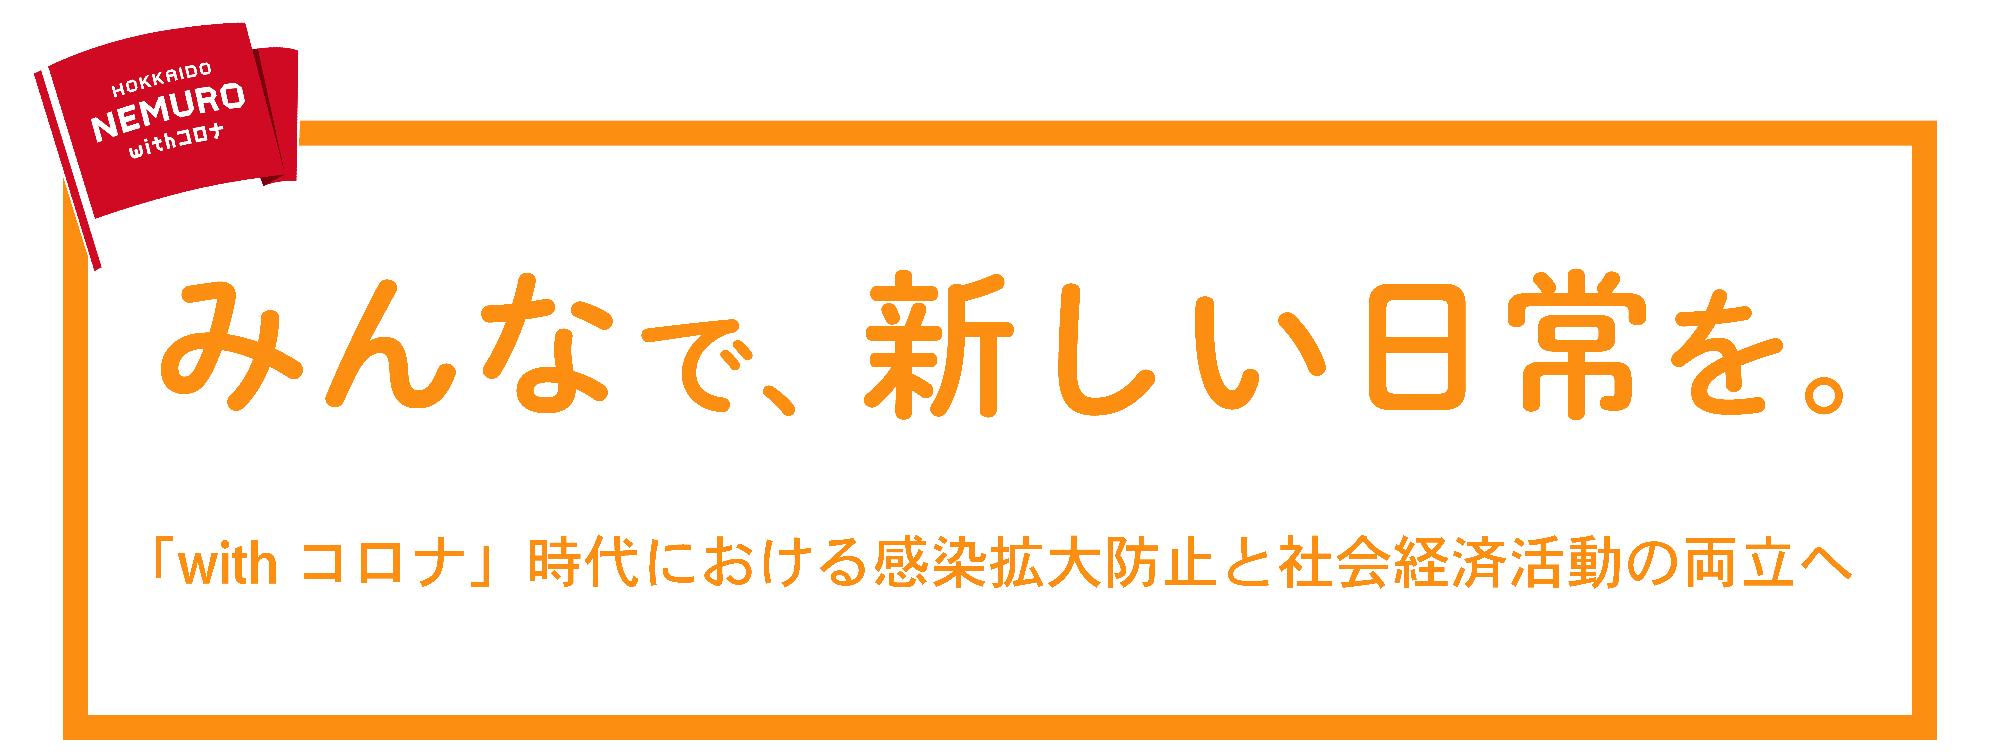 コロナ 釧路 クラスター 釧路地方の接待飲食店で集団感染…札幌以外で初 北海道27人陽性